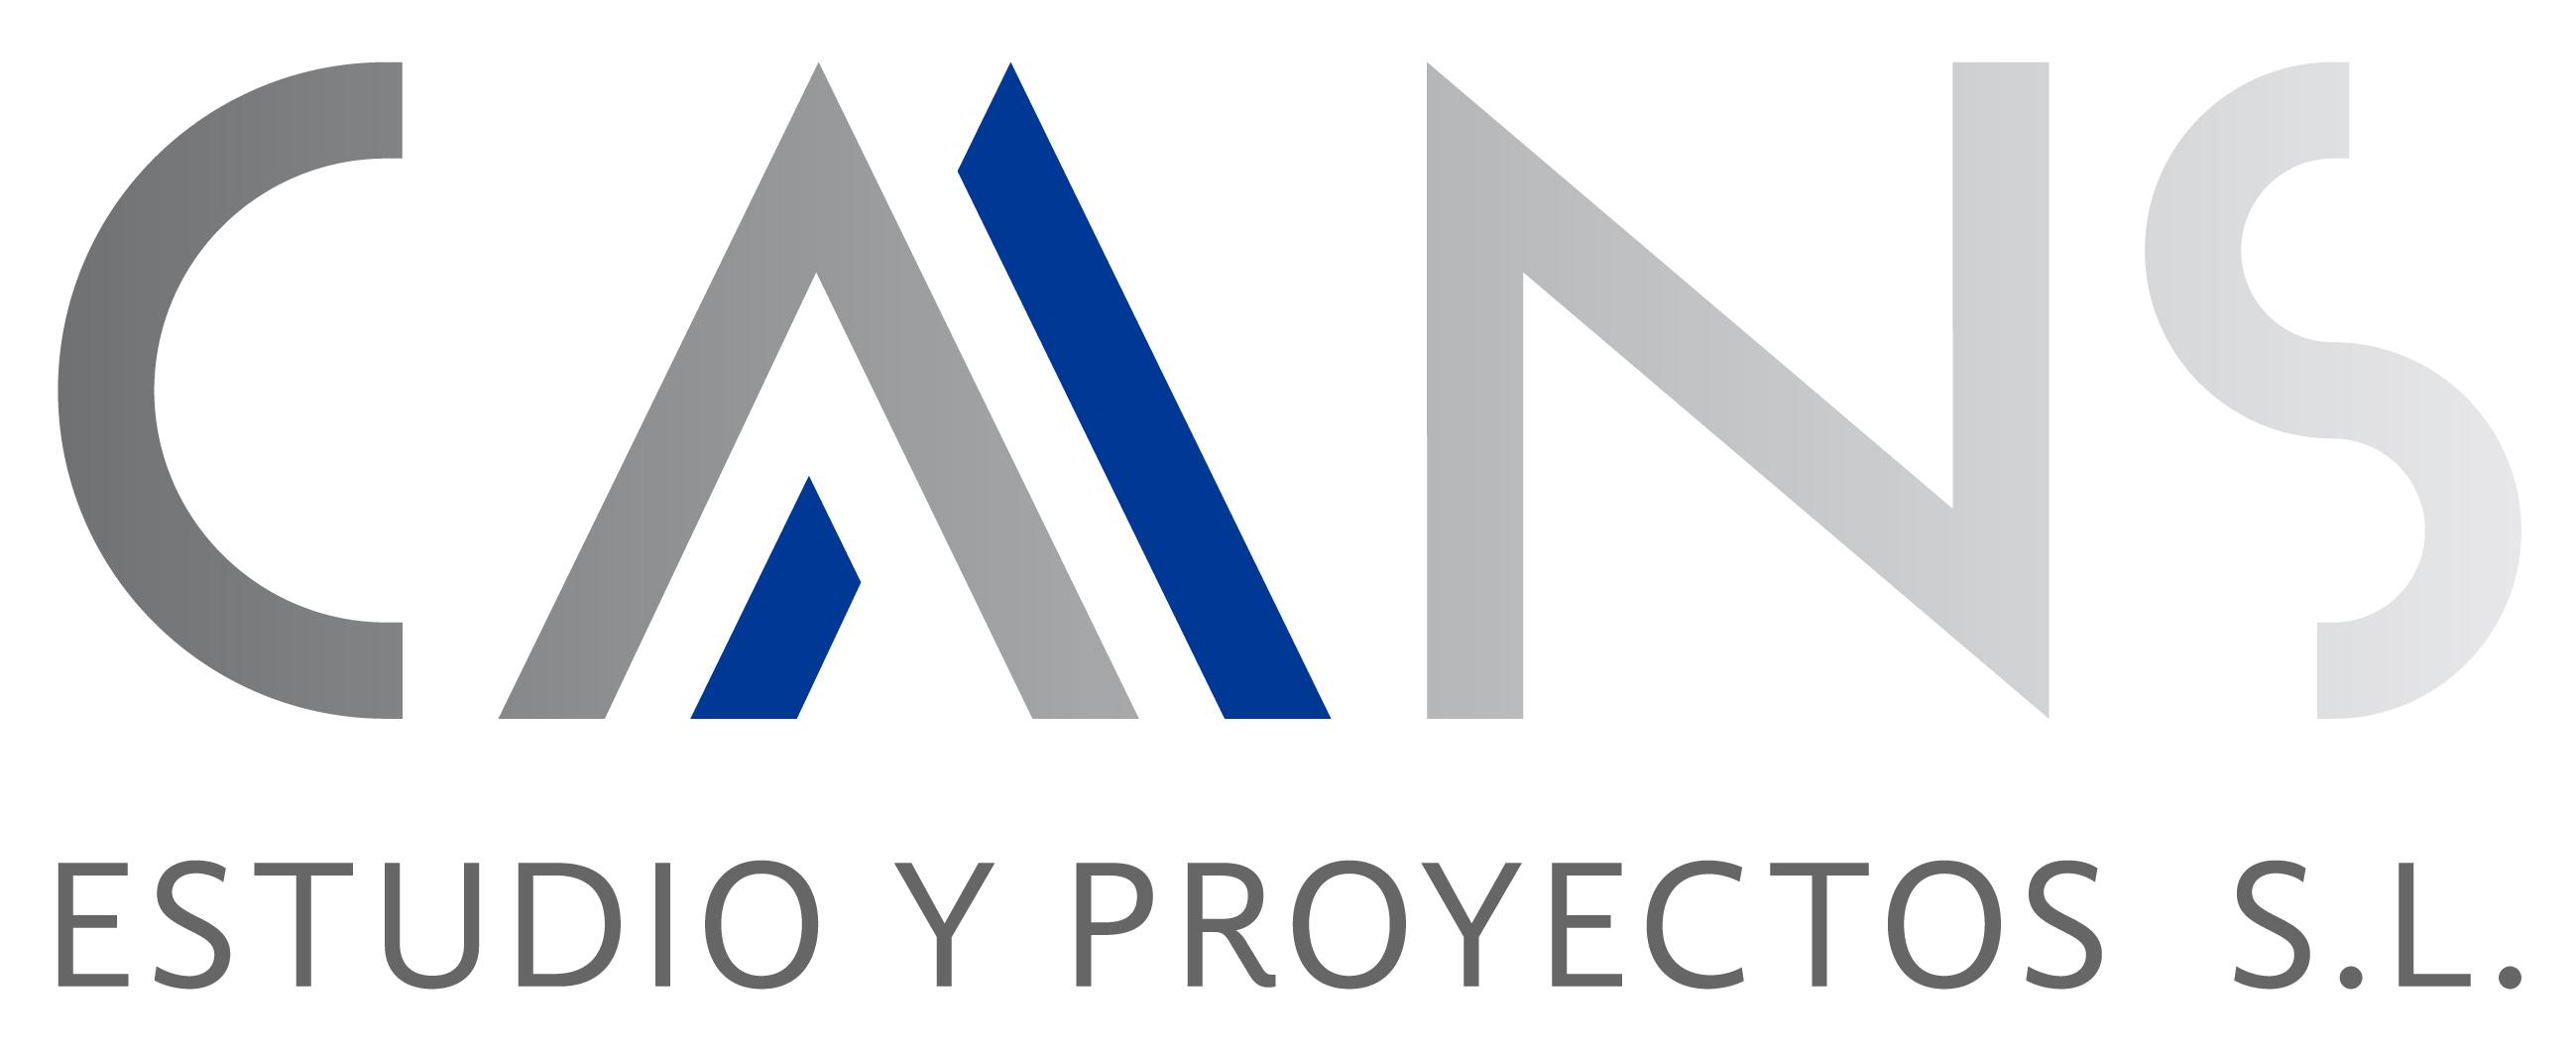 CANS Estudio y Proyectos S.L.